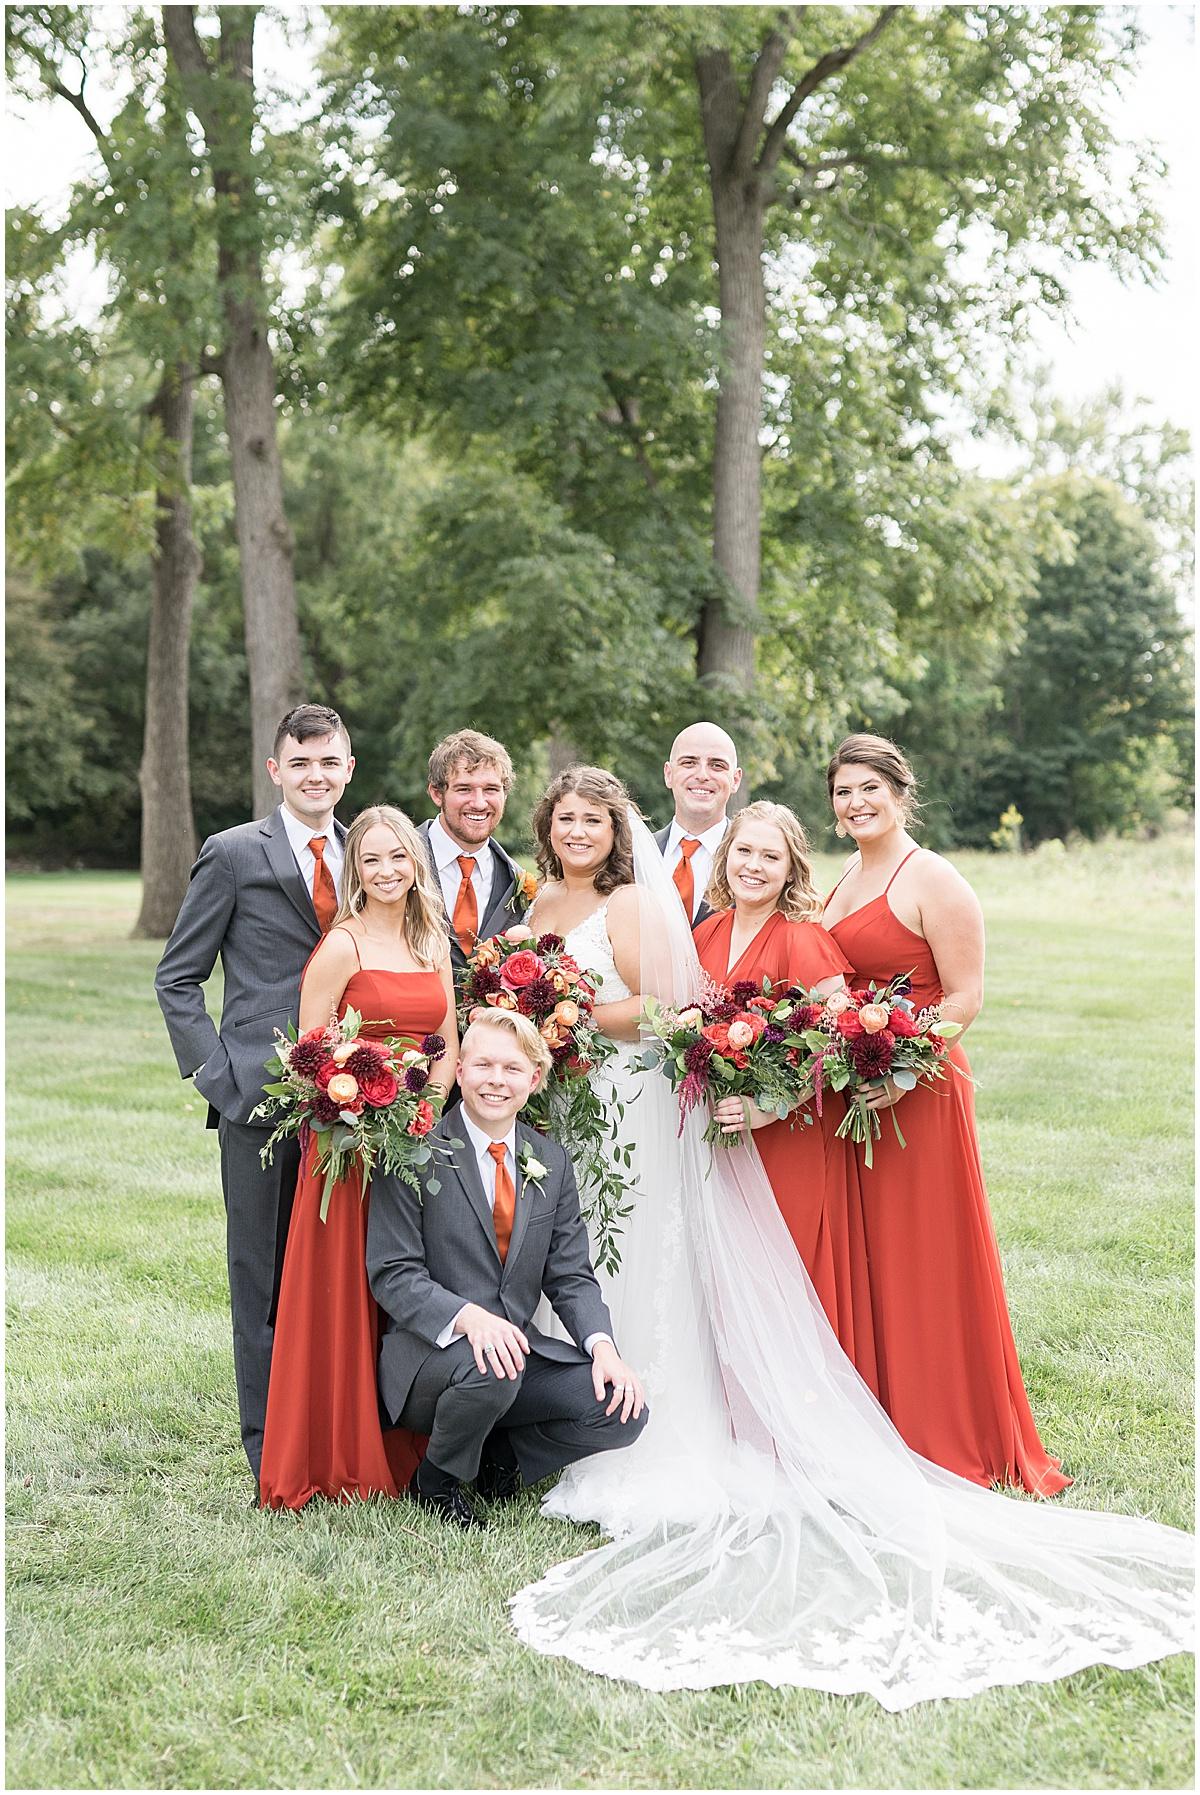 Bridal party photos at